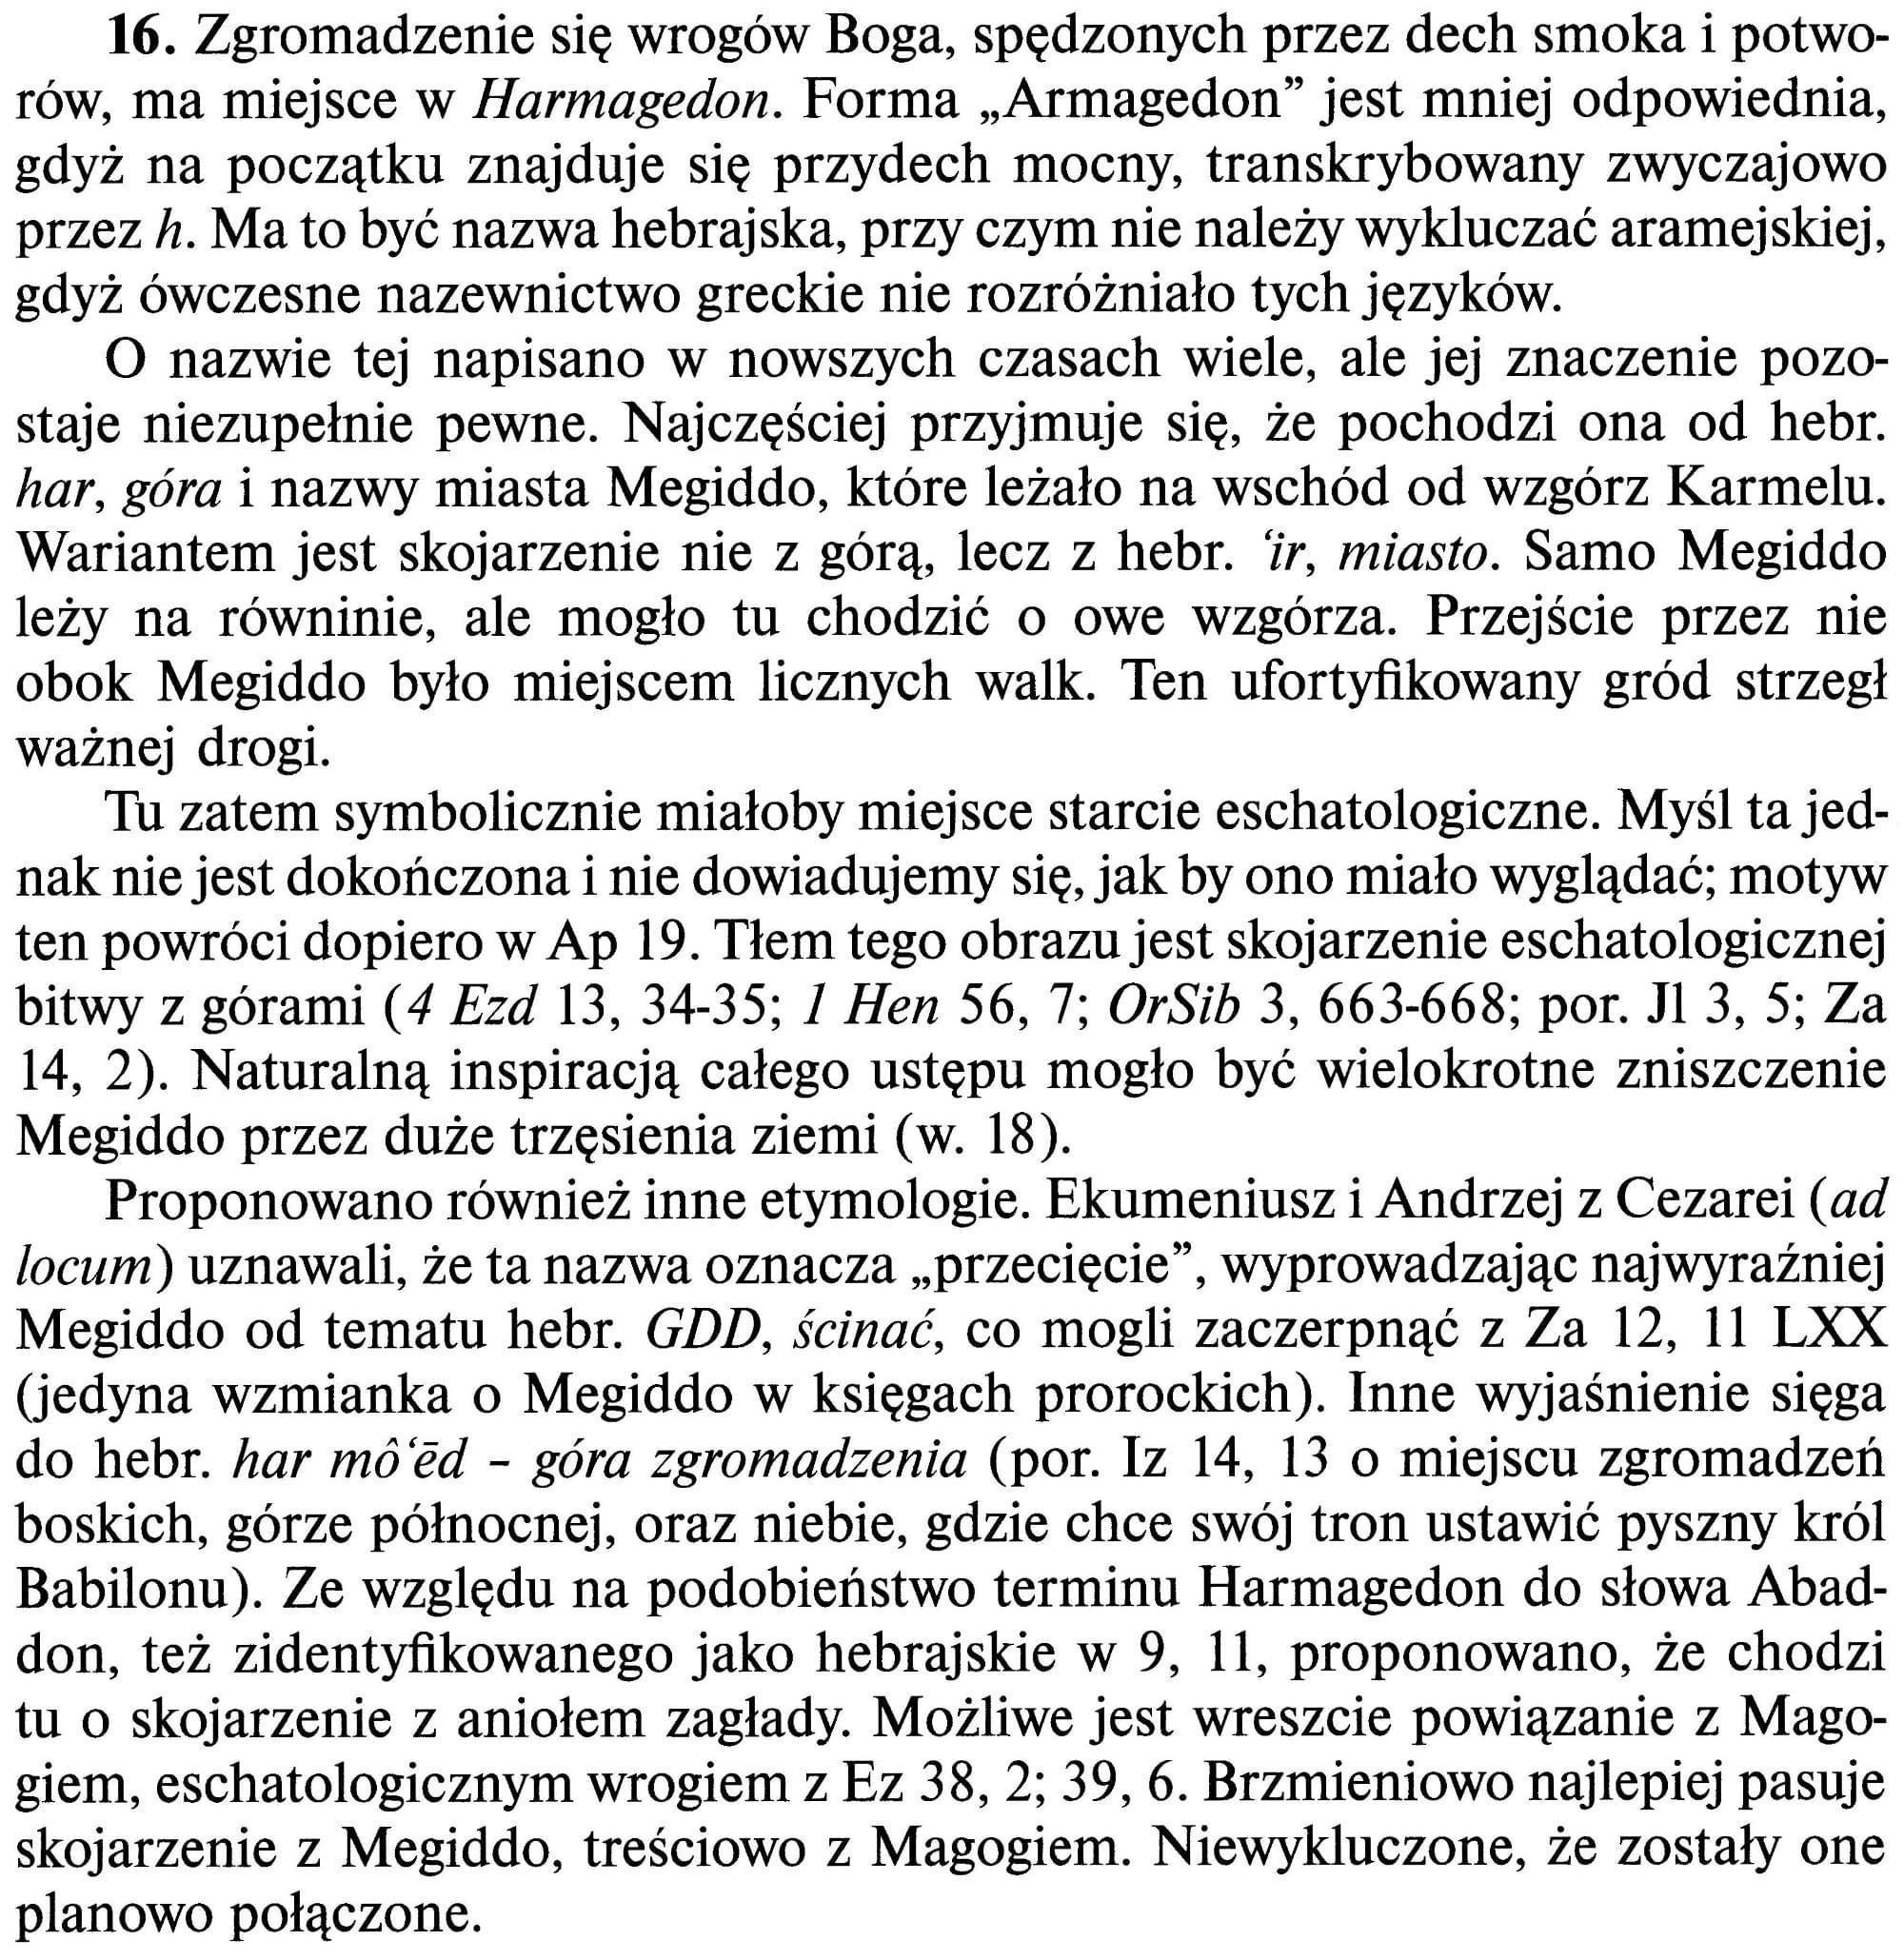 Apokalipsa św. Jana, Edycja św. Pawła